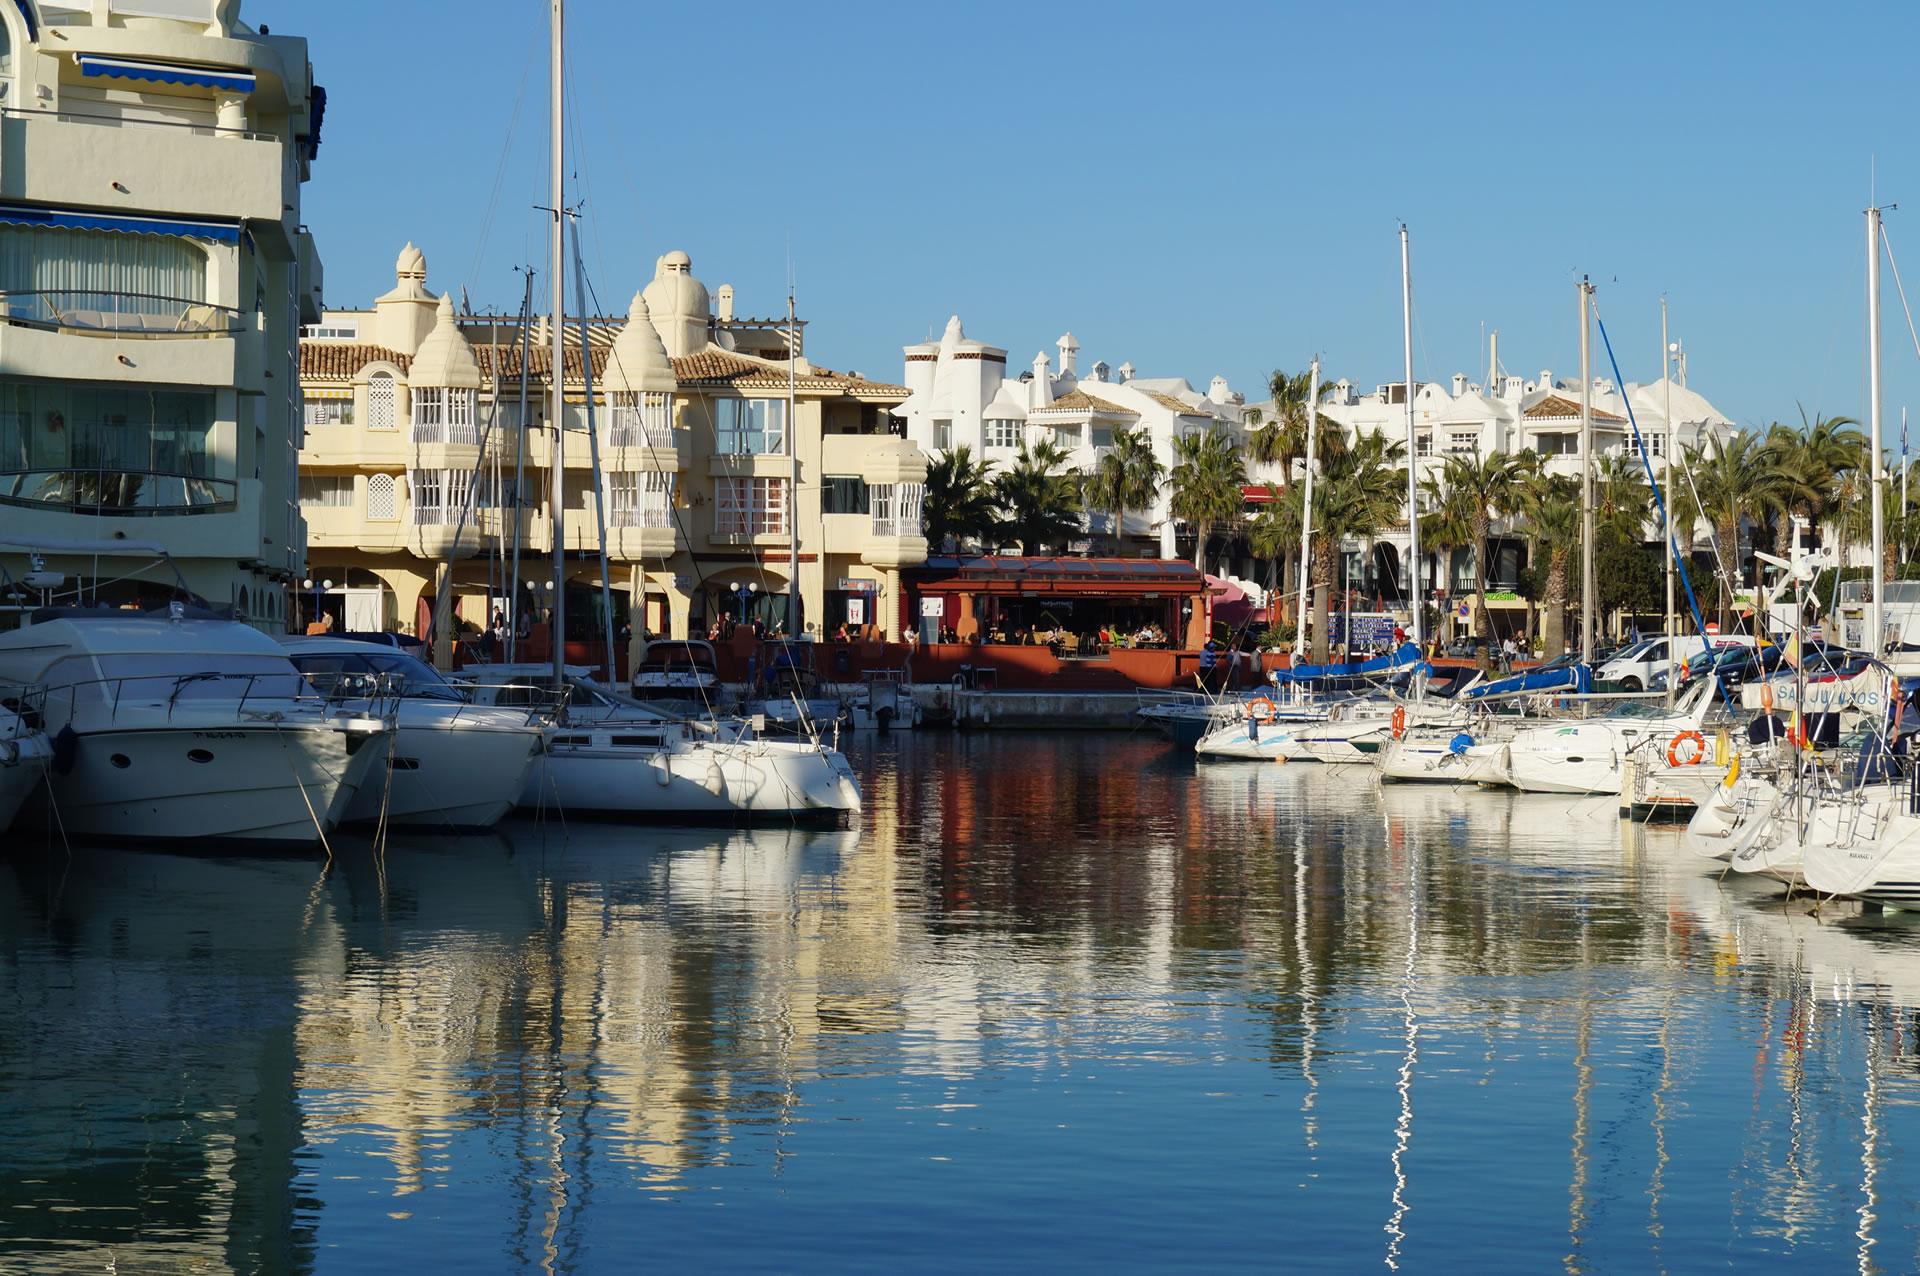 Puerto marina puerto deportivo de benalm dena - Fotos de benalmadena costa ...